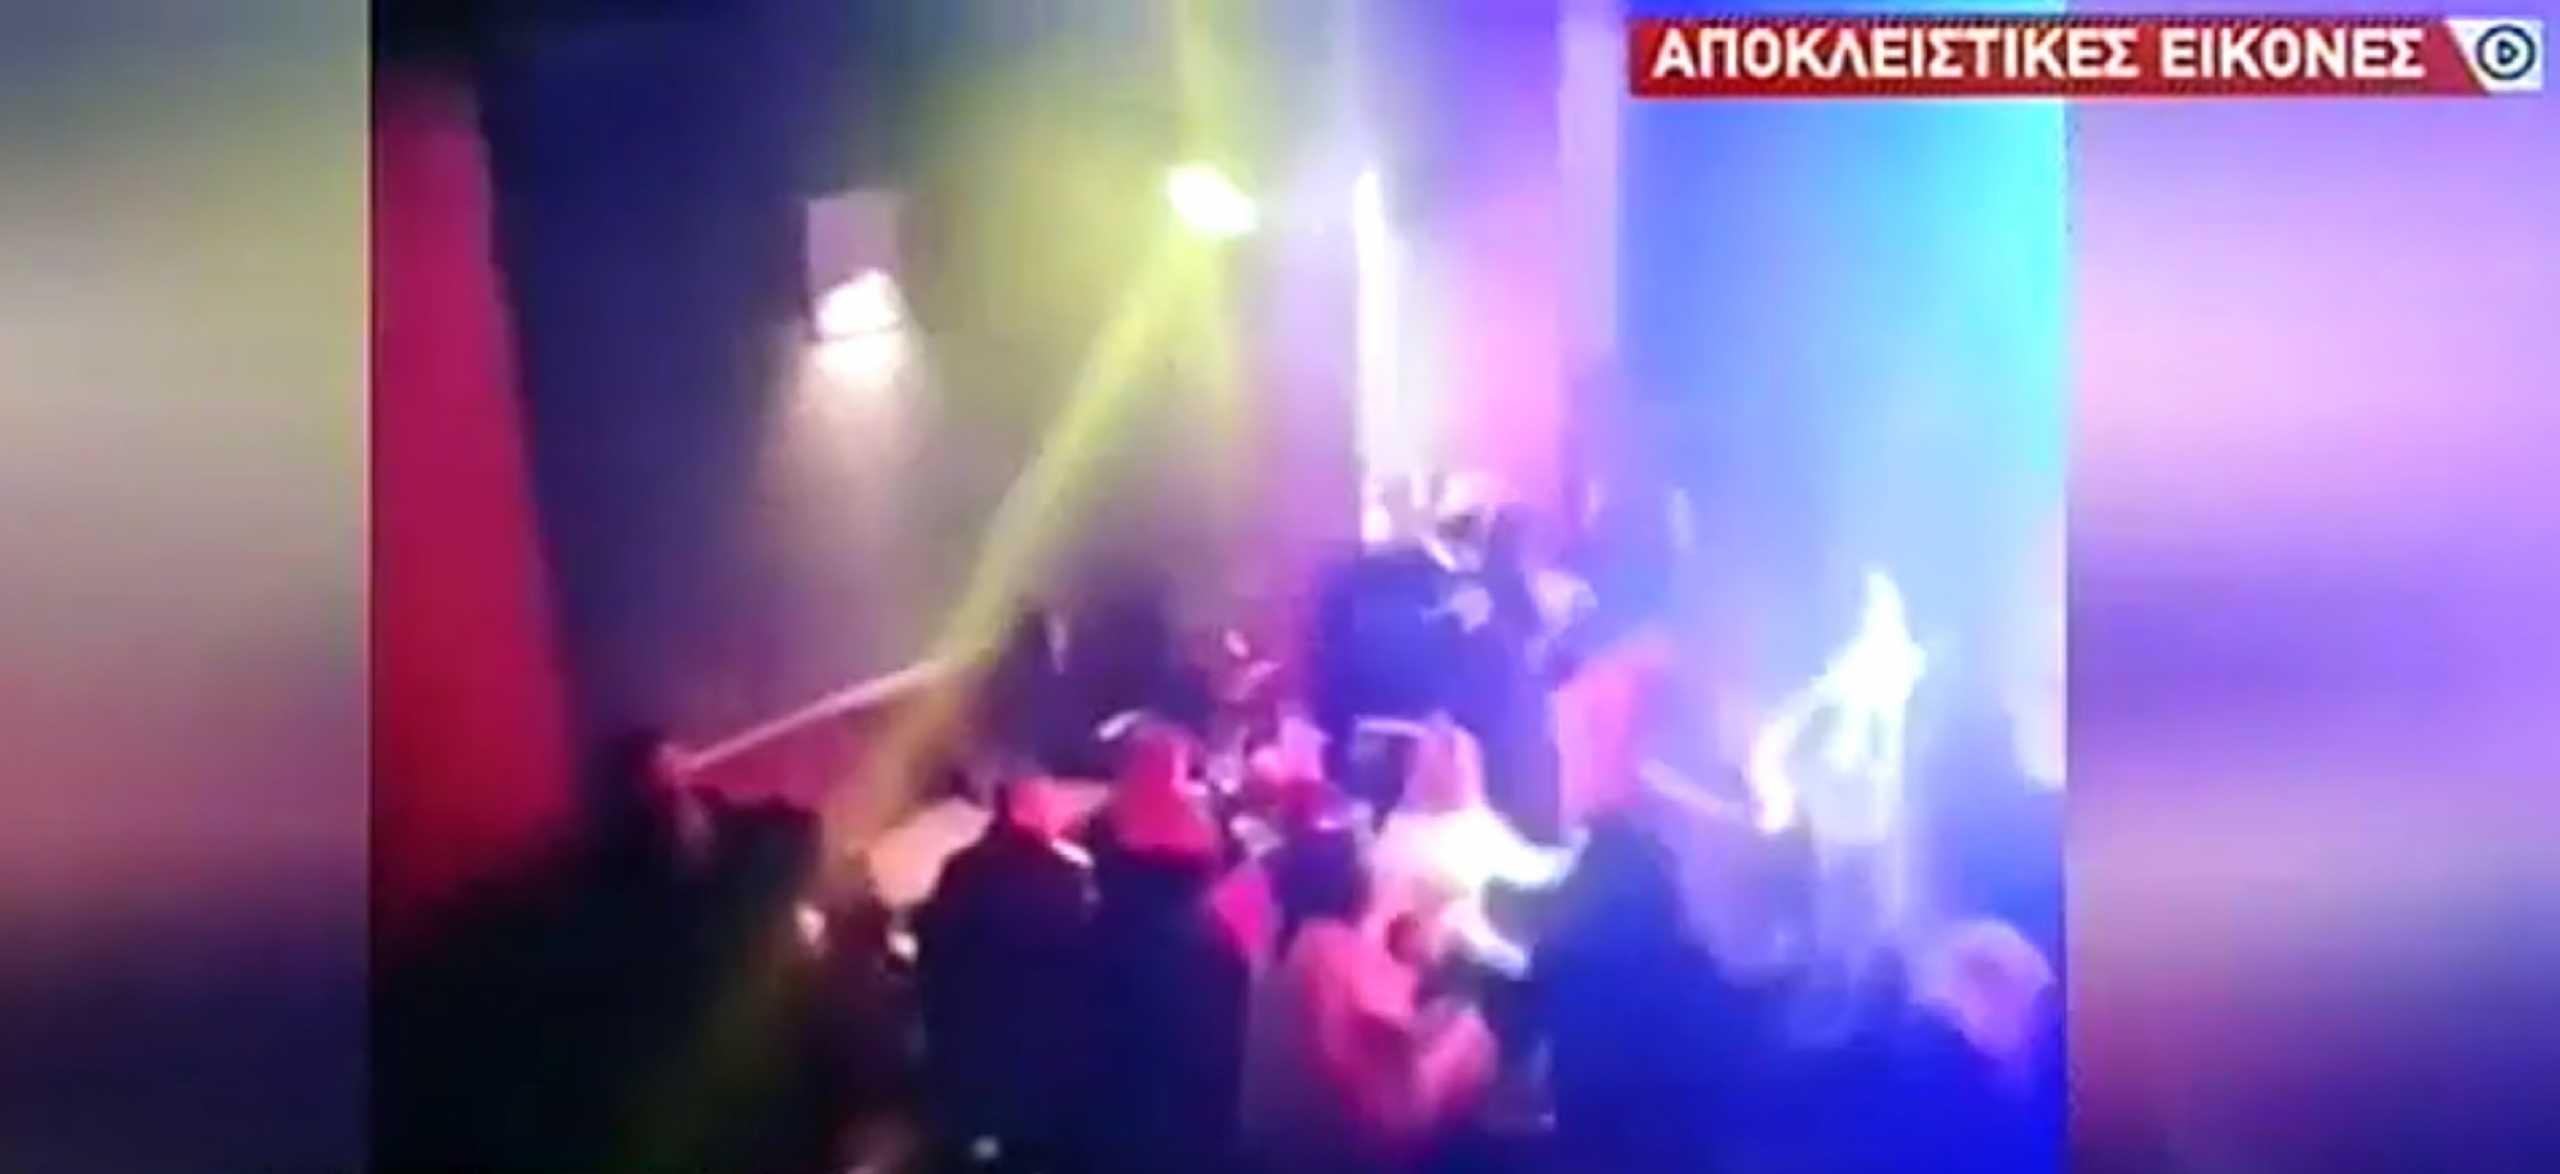 «Μέσα» στο νυχτερινό μαγαζί στη Λιοσίων – Έκαναν τους πελάτες και έγινε το «ντου» της αστυνομίας